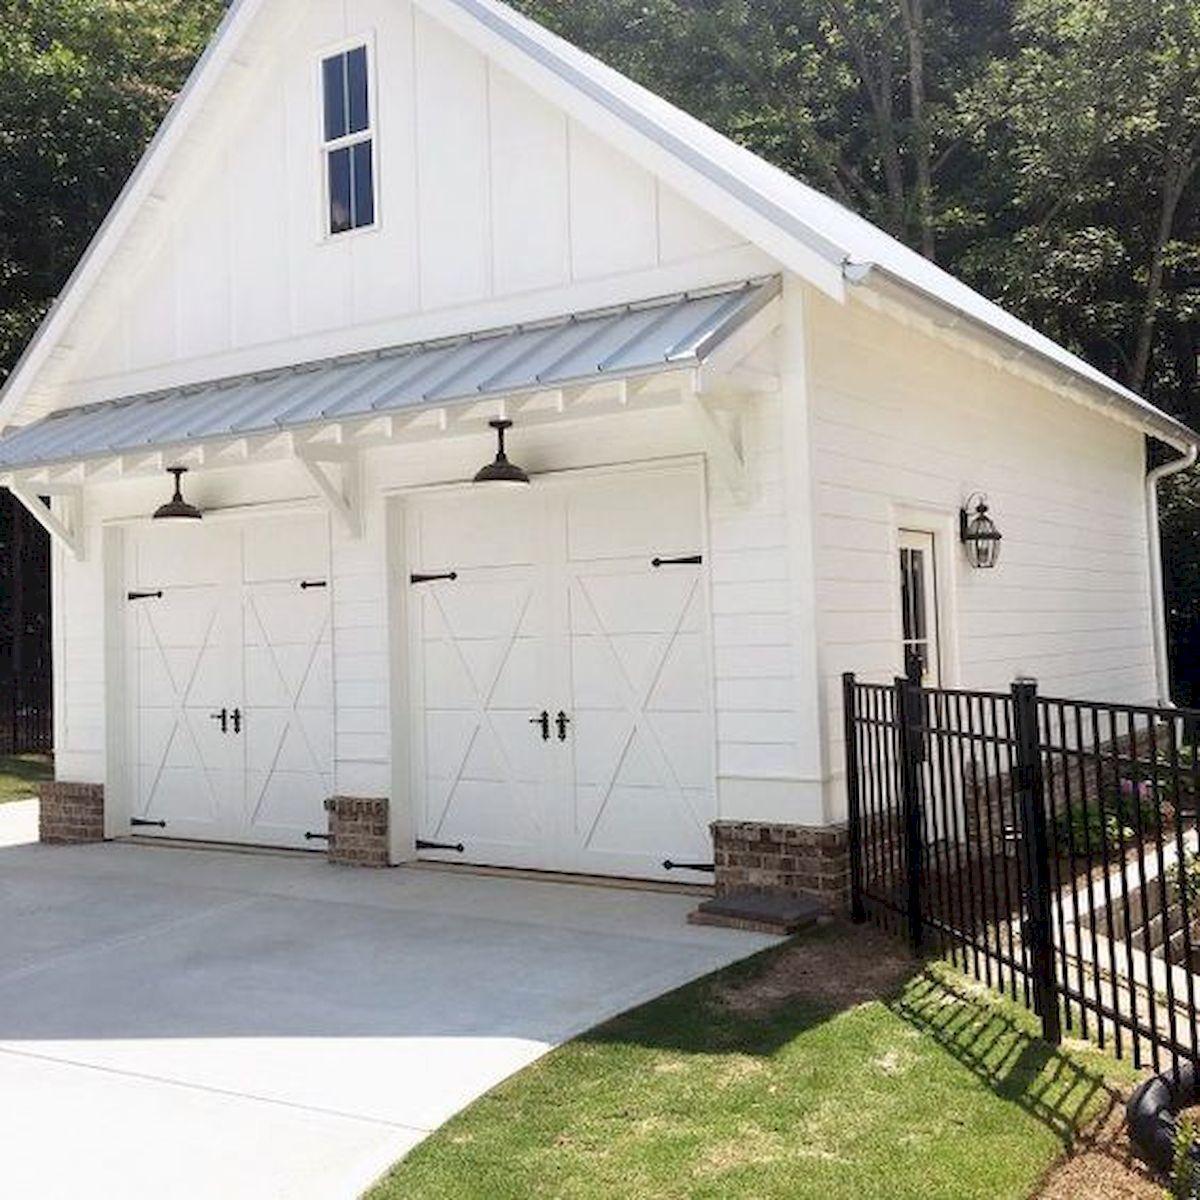 40 Best Garage Doors Ideas 19 Garage Exterior Garage Doors Building A Garage